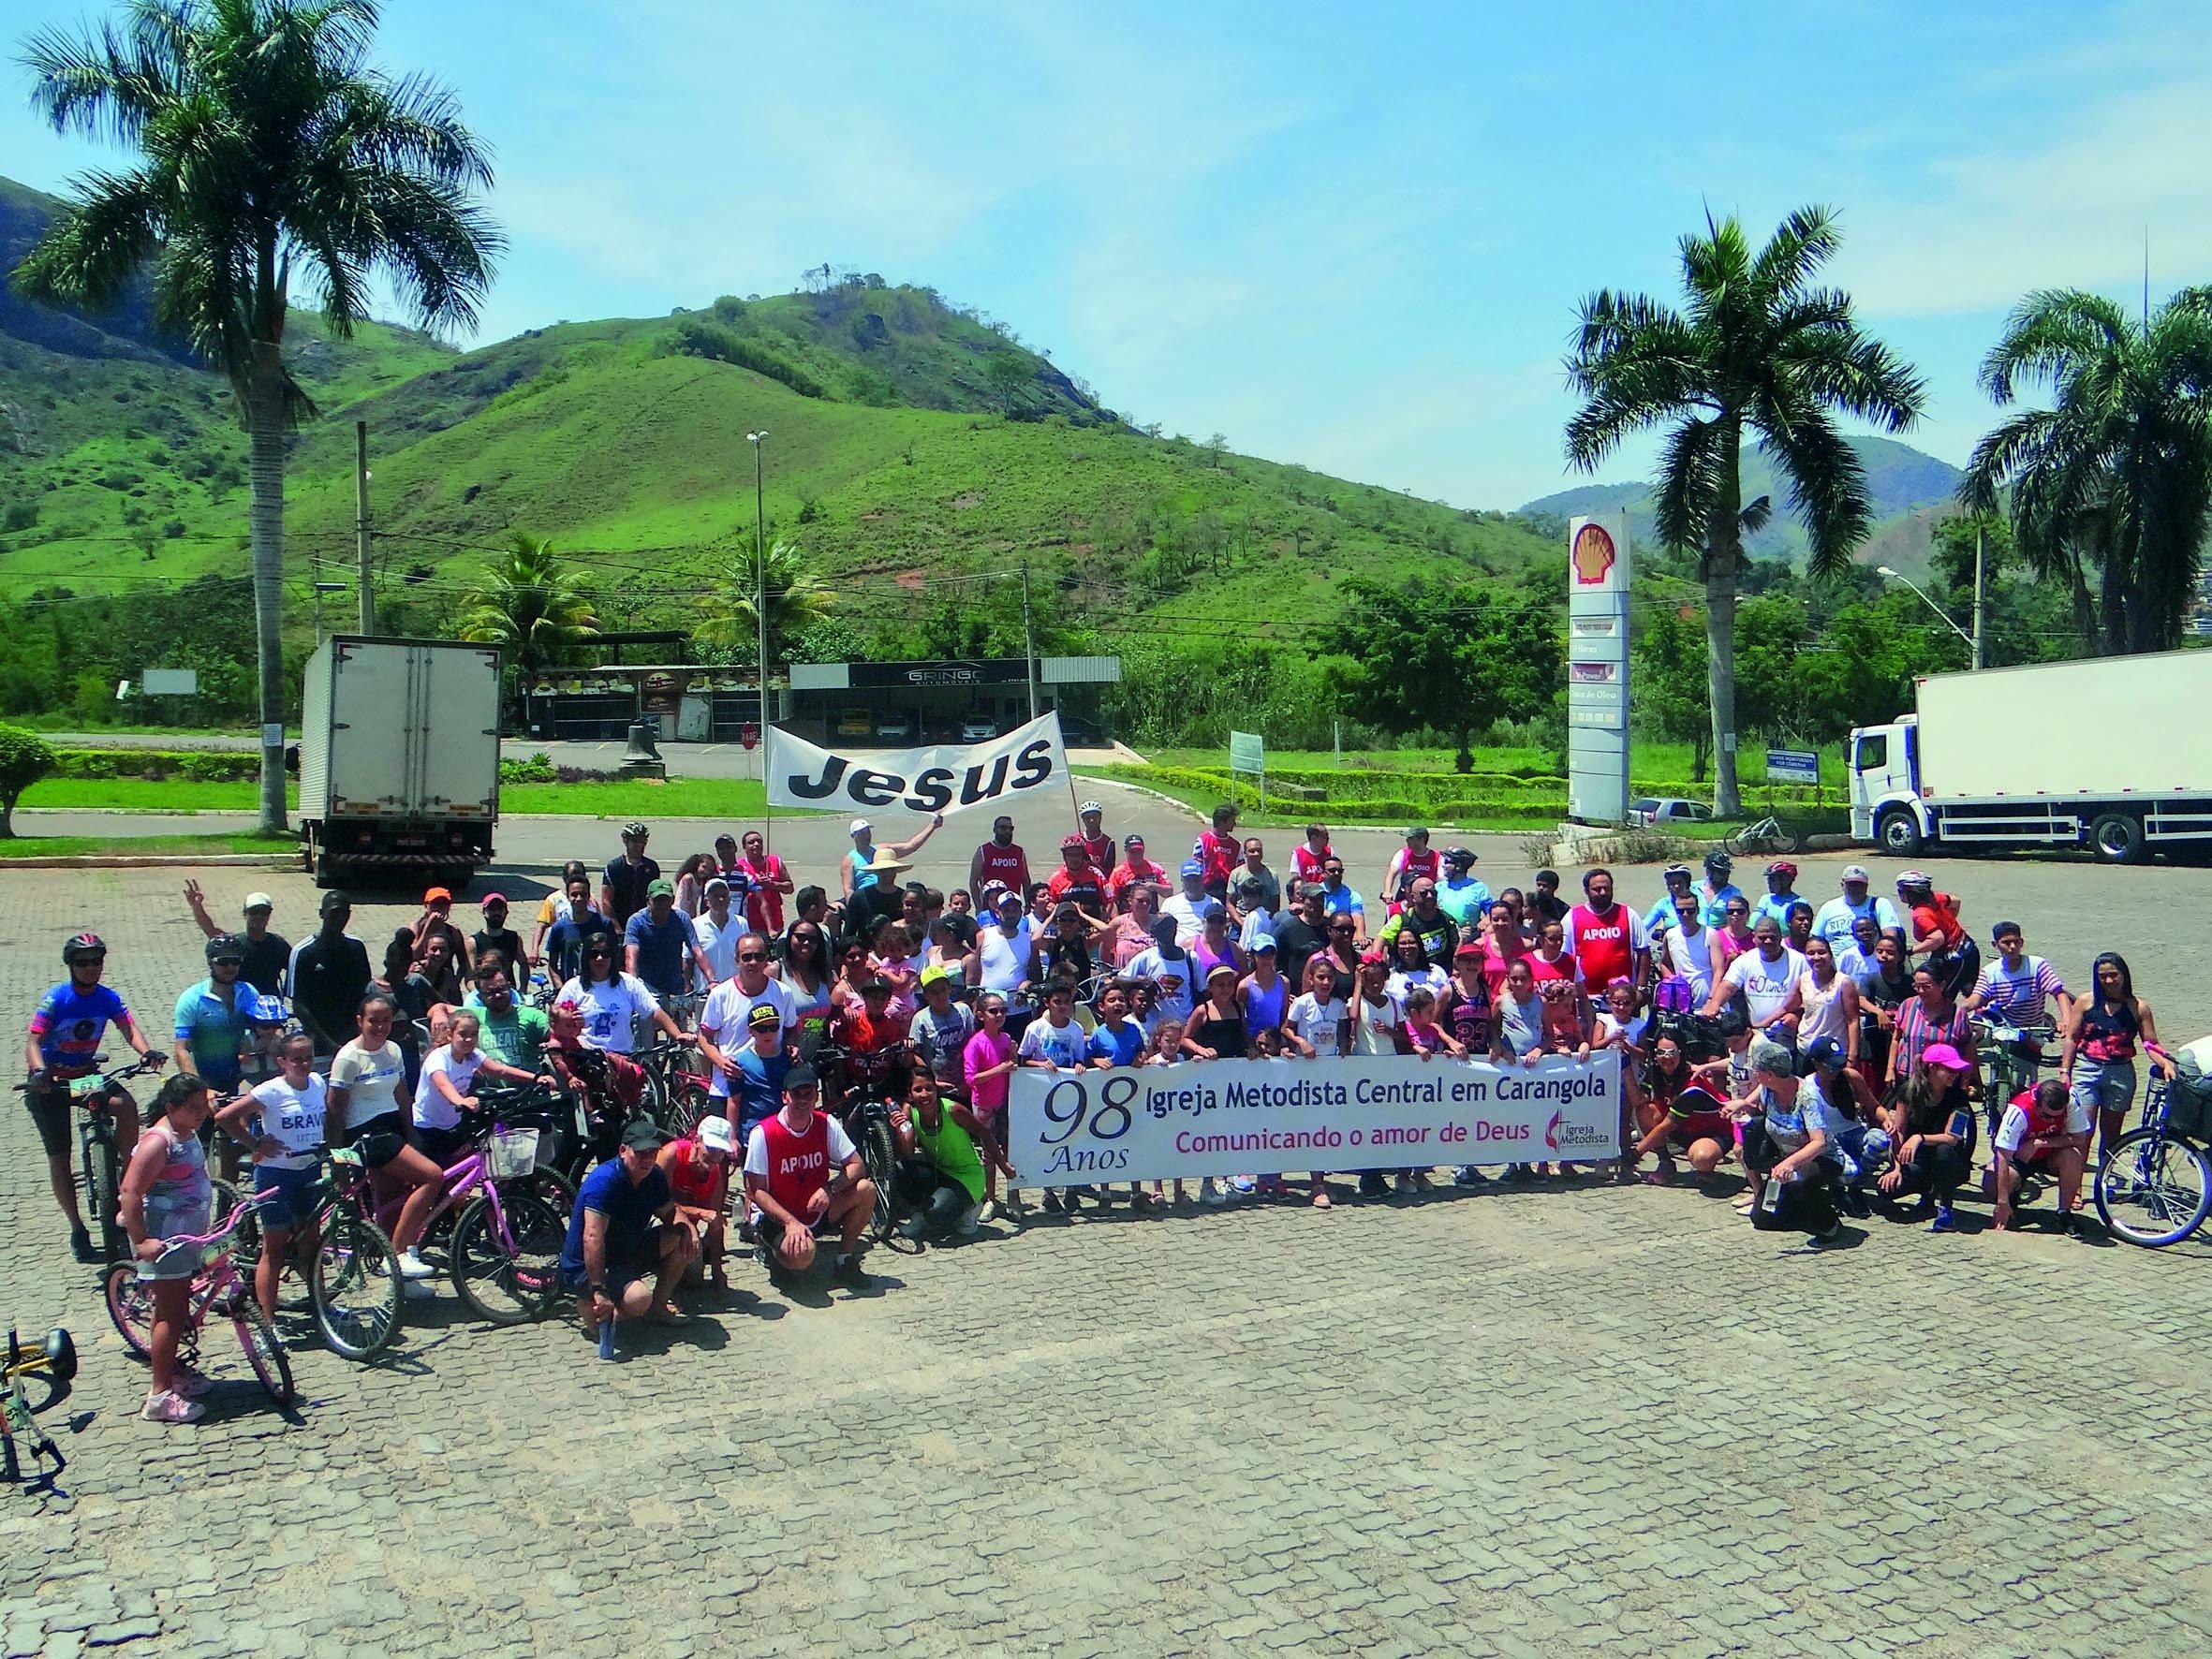 Metodistas de Carangola realizam passeio ciclístico em comemoração de seus 98 anos